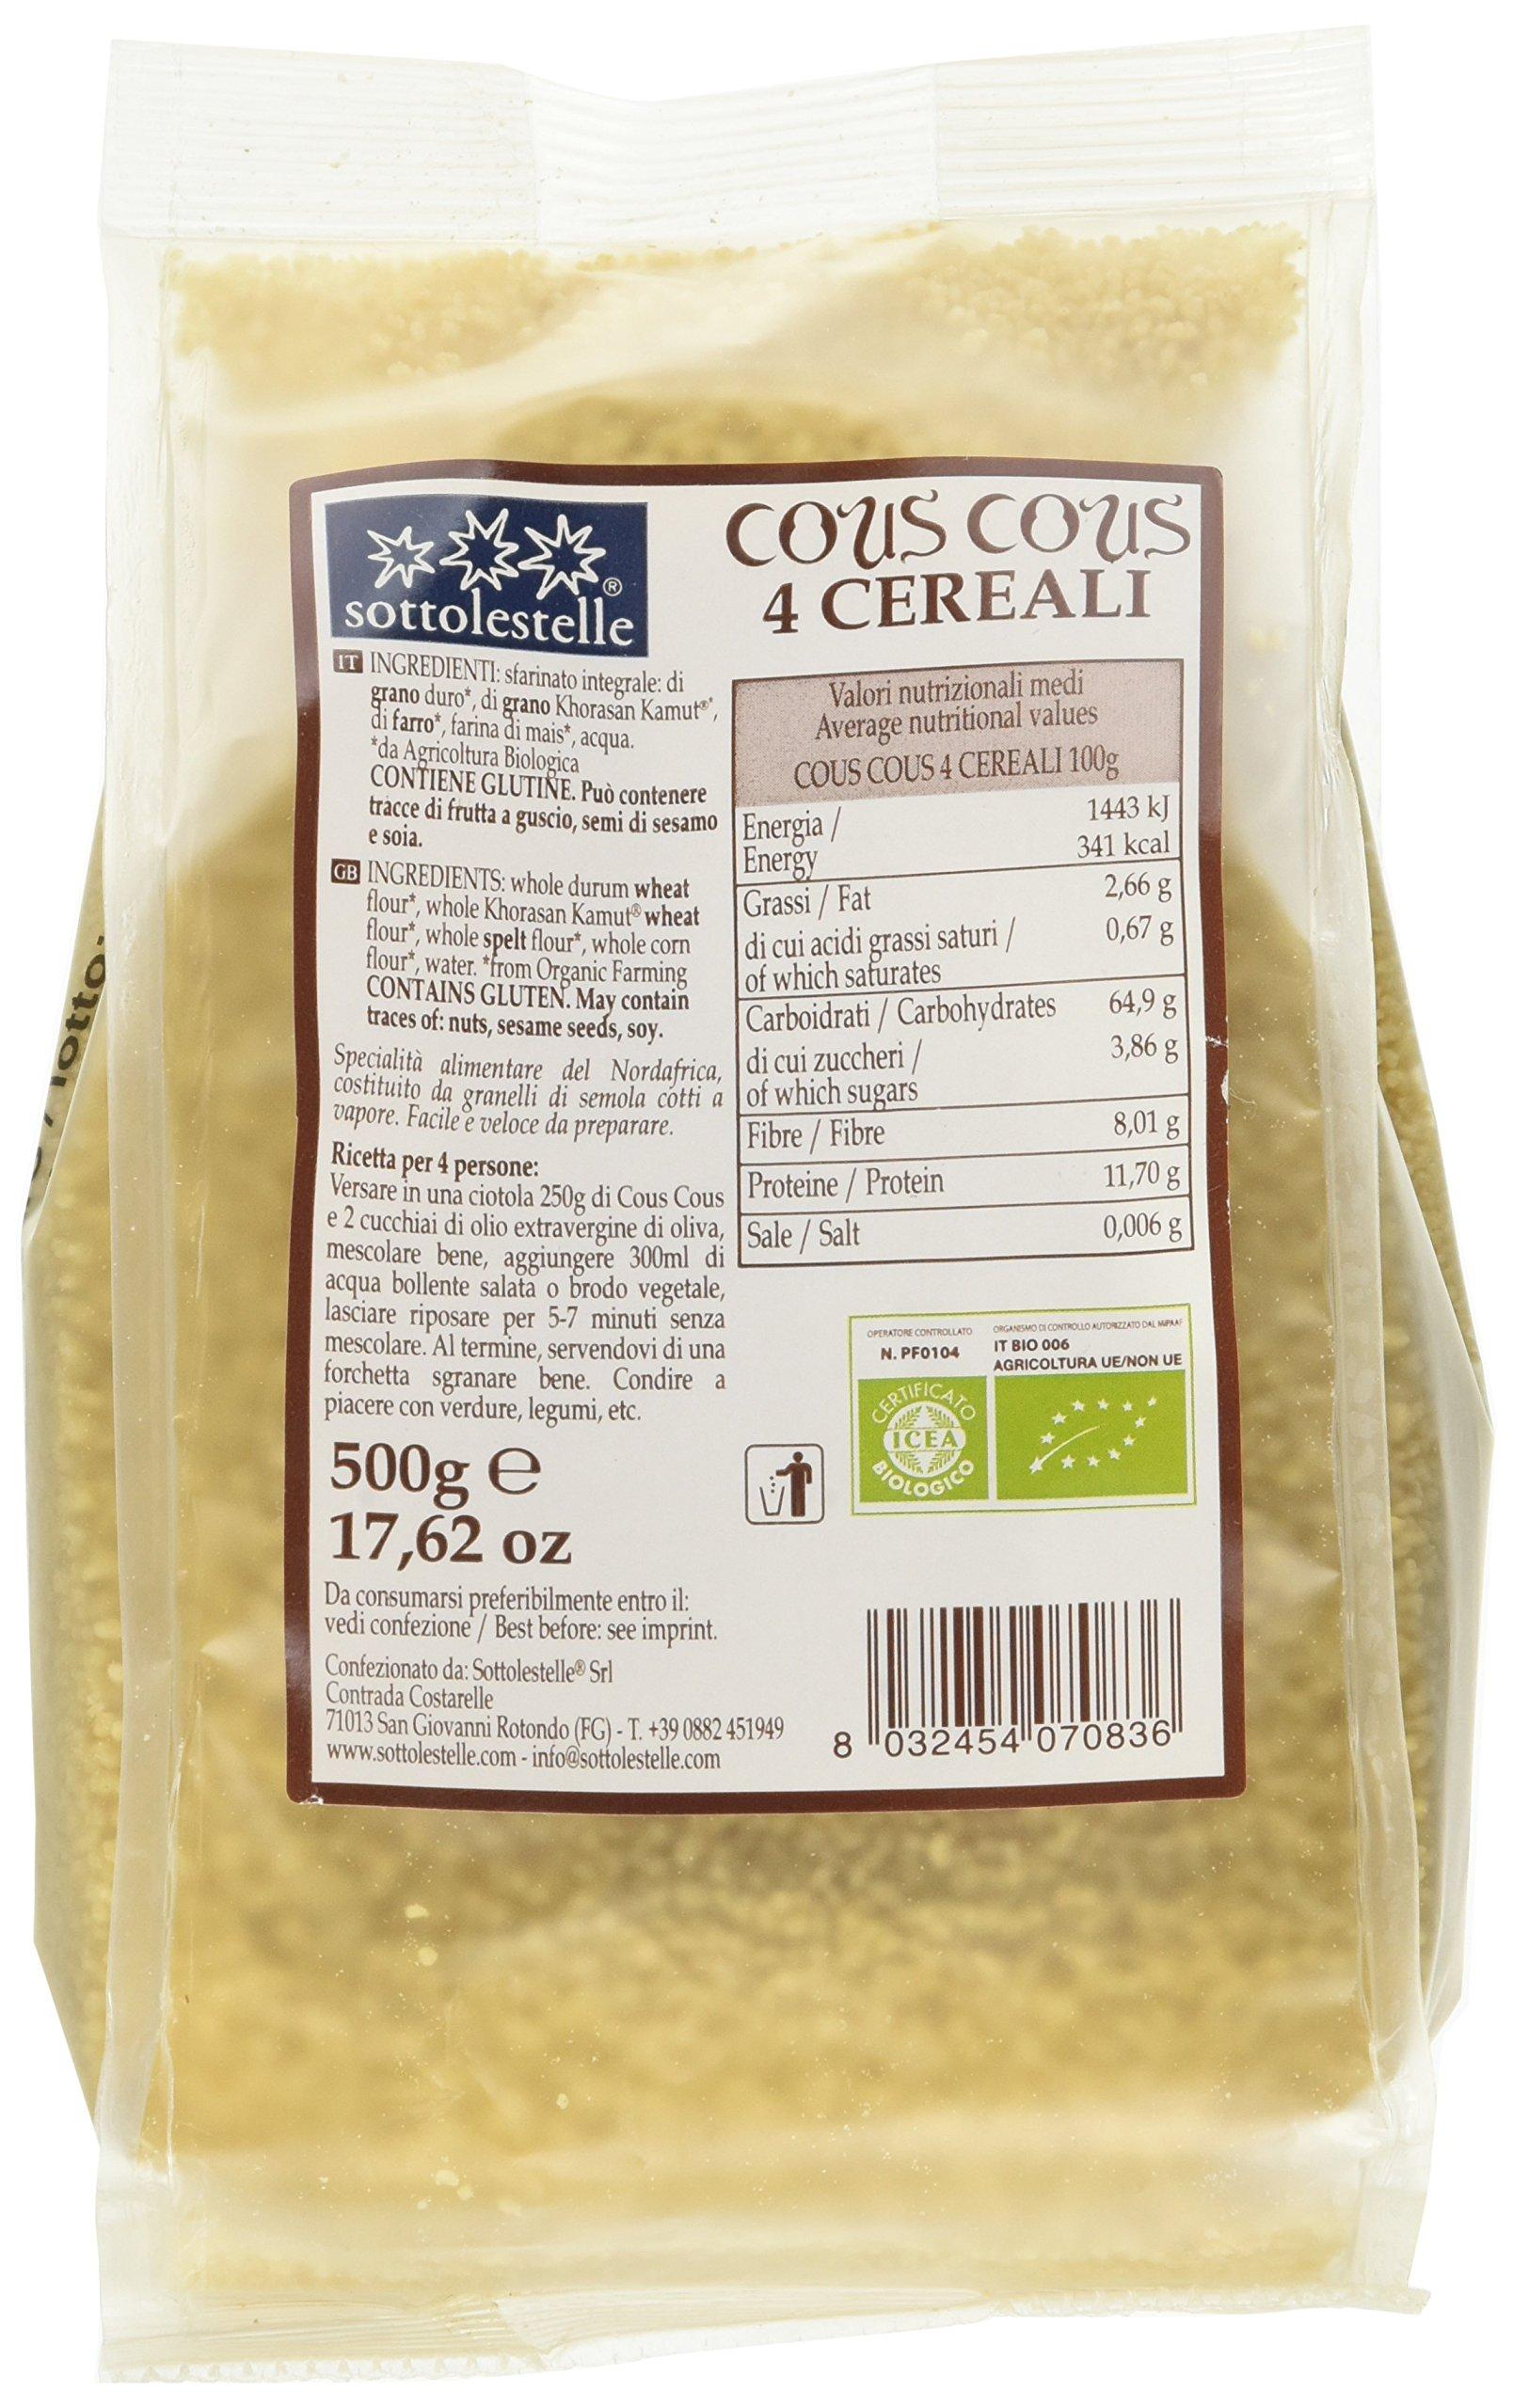 Sottolestelle Cous Cous 4 Cereali - 6 pezzi da 500 g [3 kg] 5 spesavip